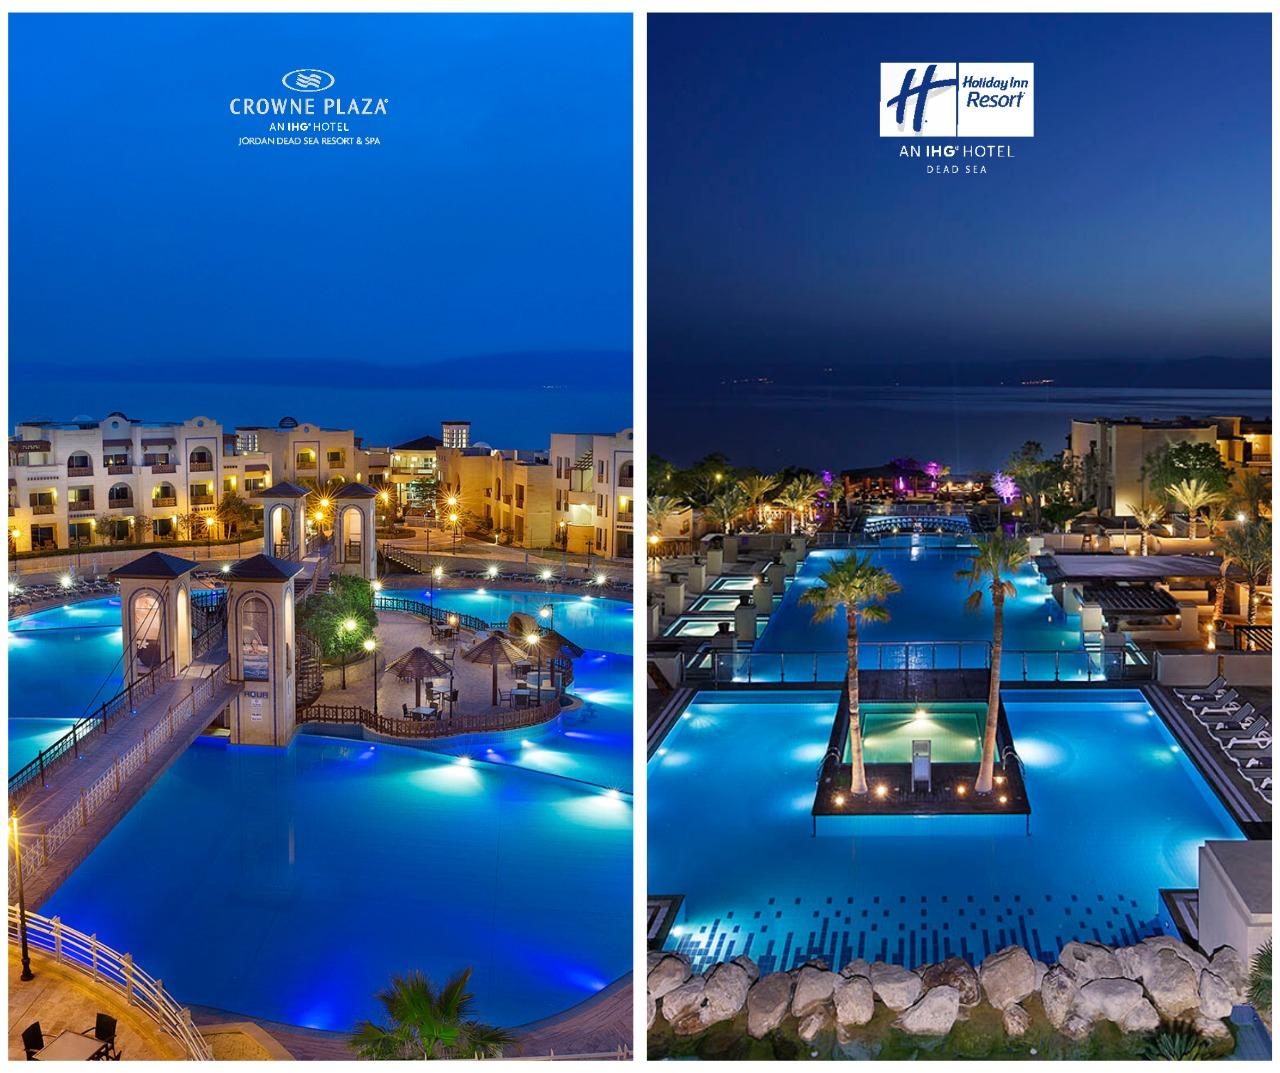 """فندقا """"كراون بلازا"""" و""""هوليداي إن"""" البحر الميت يطبقا واقعياً مفهوم الإقامة الطويلة بأسعار تفضيلية جداً"""